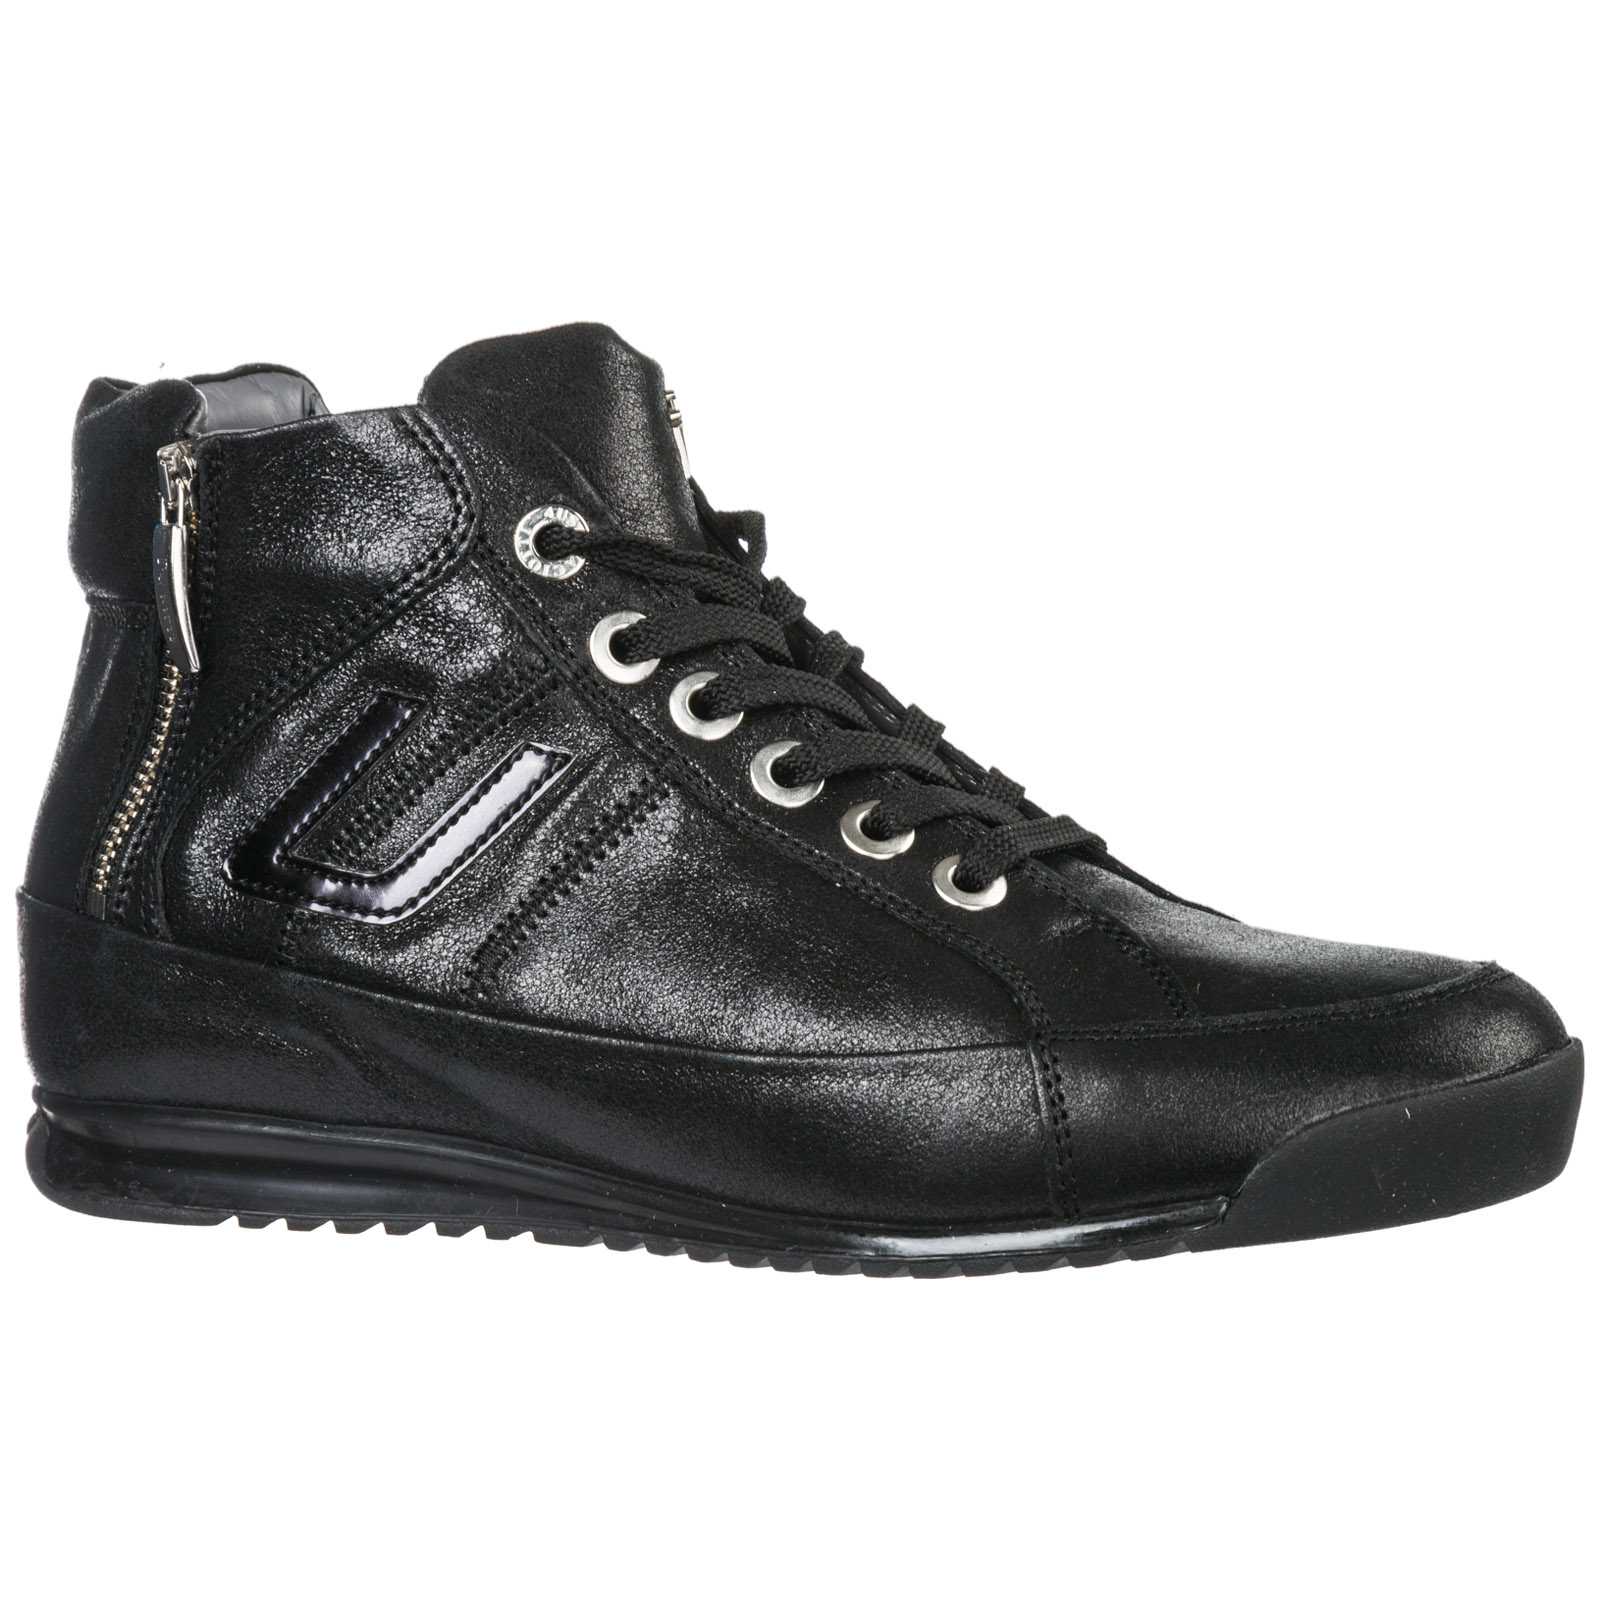 163186e751 Scarpe sneakers alte donna in pelle